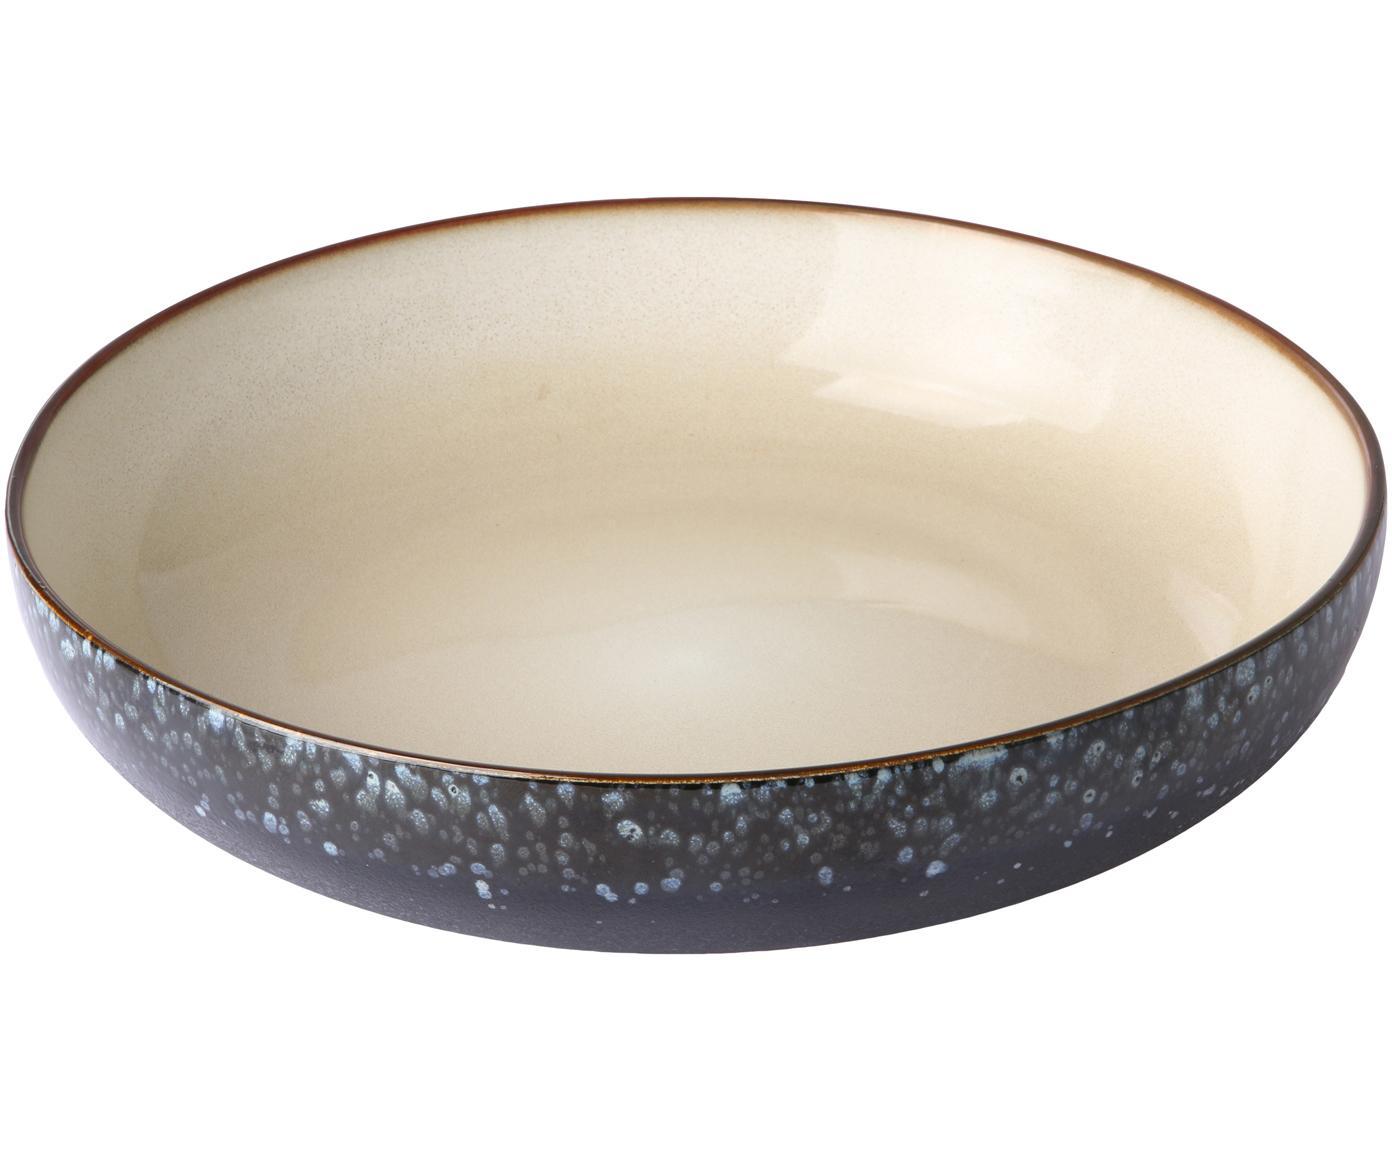 Handgemachte Schale 70's, Keramik, Schwarz, Beige, Blautöne, Ø 27 x H 6 cm